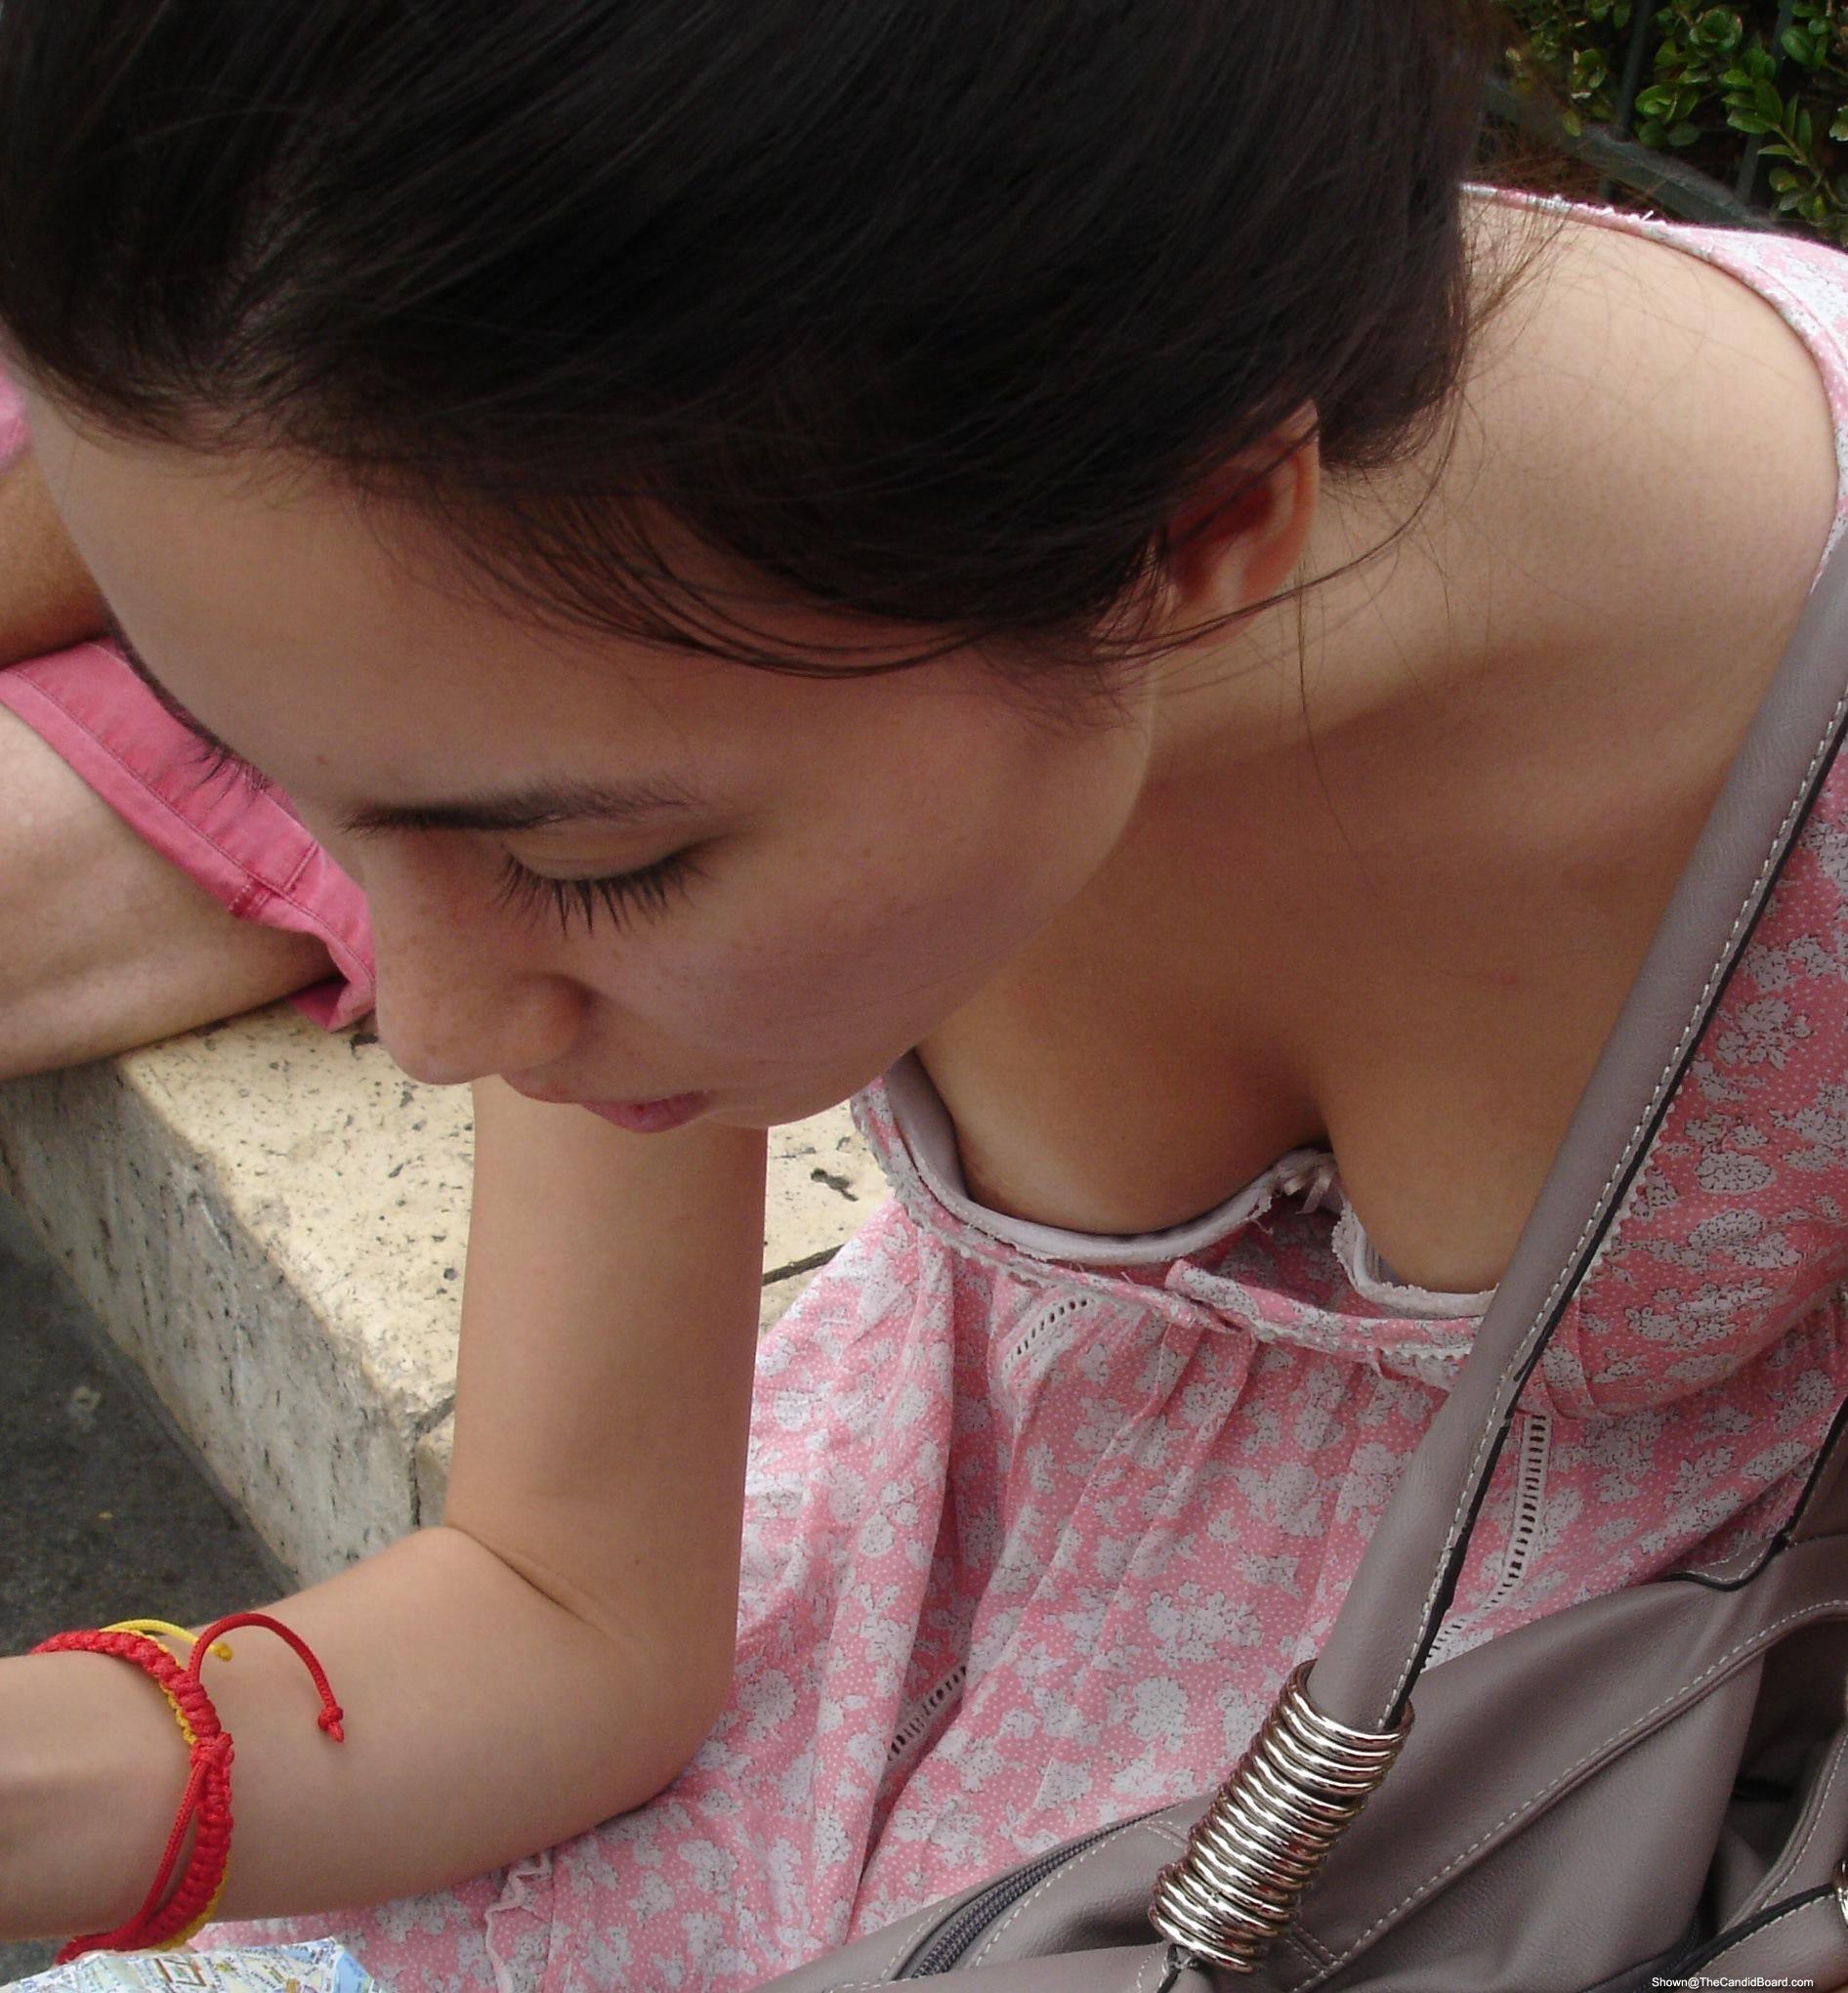 これからの時期胸チラおっぱい見放題www素人の柔らかそうな乳房にテント不可避www 01146